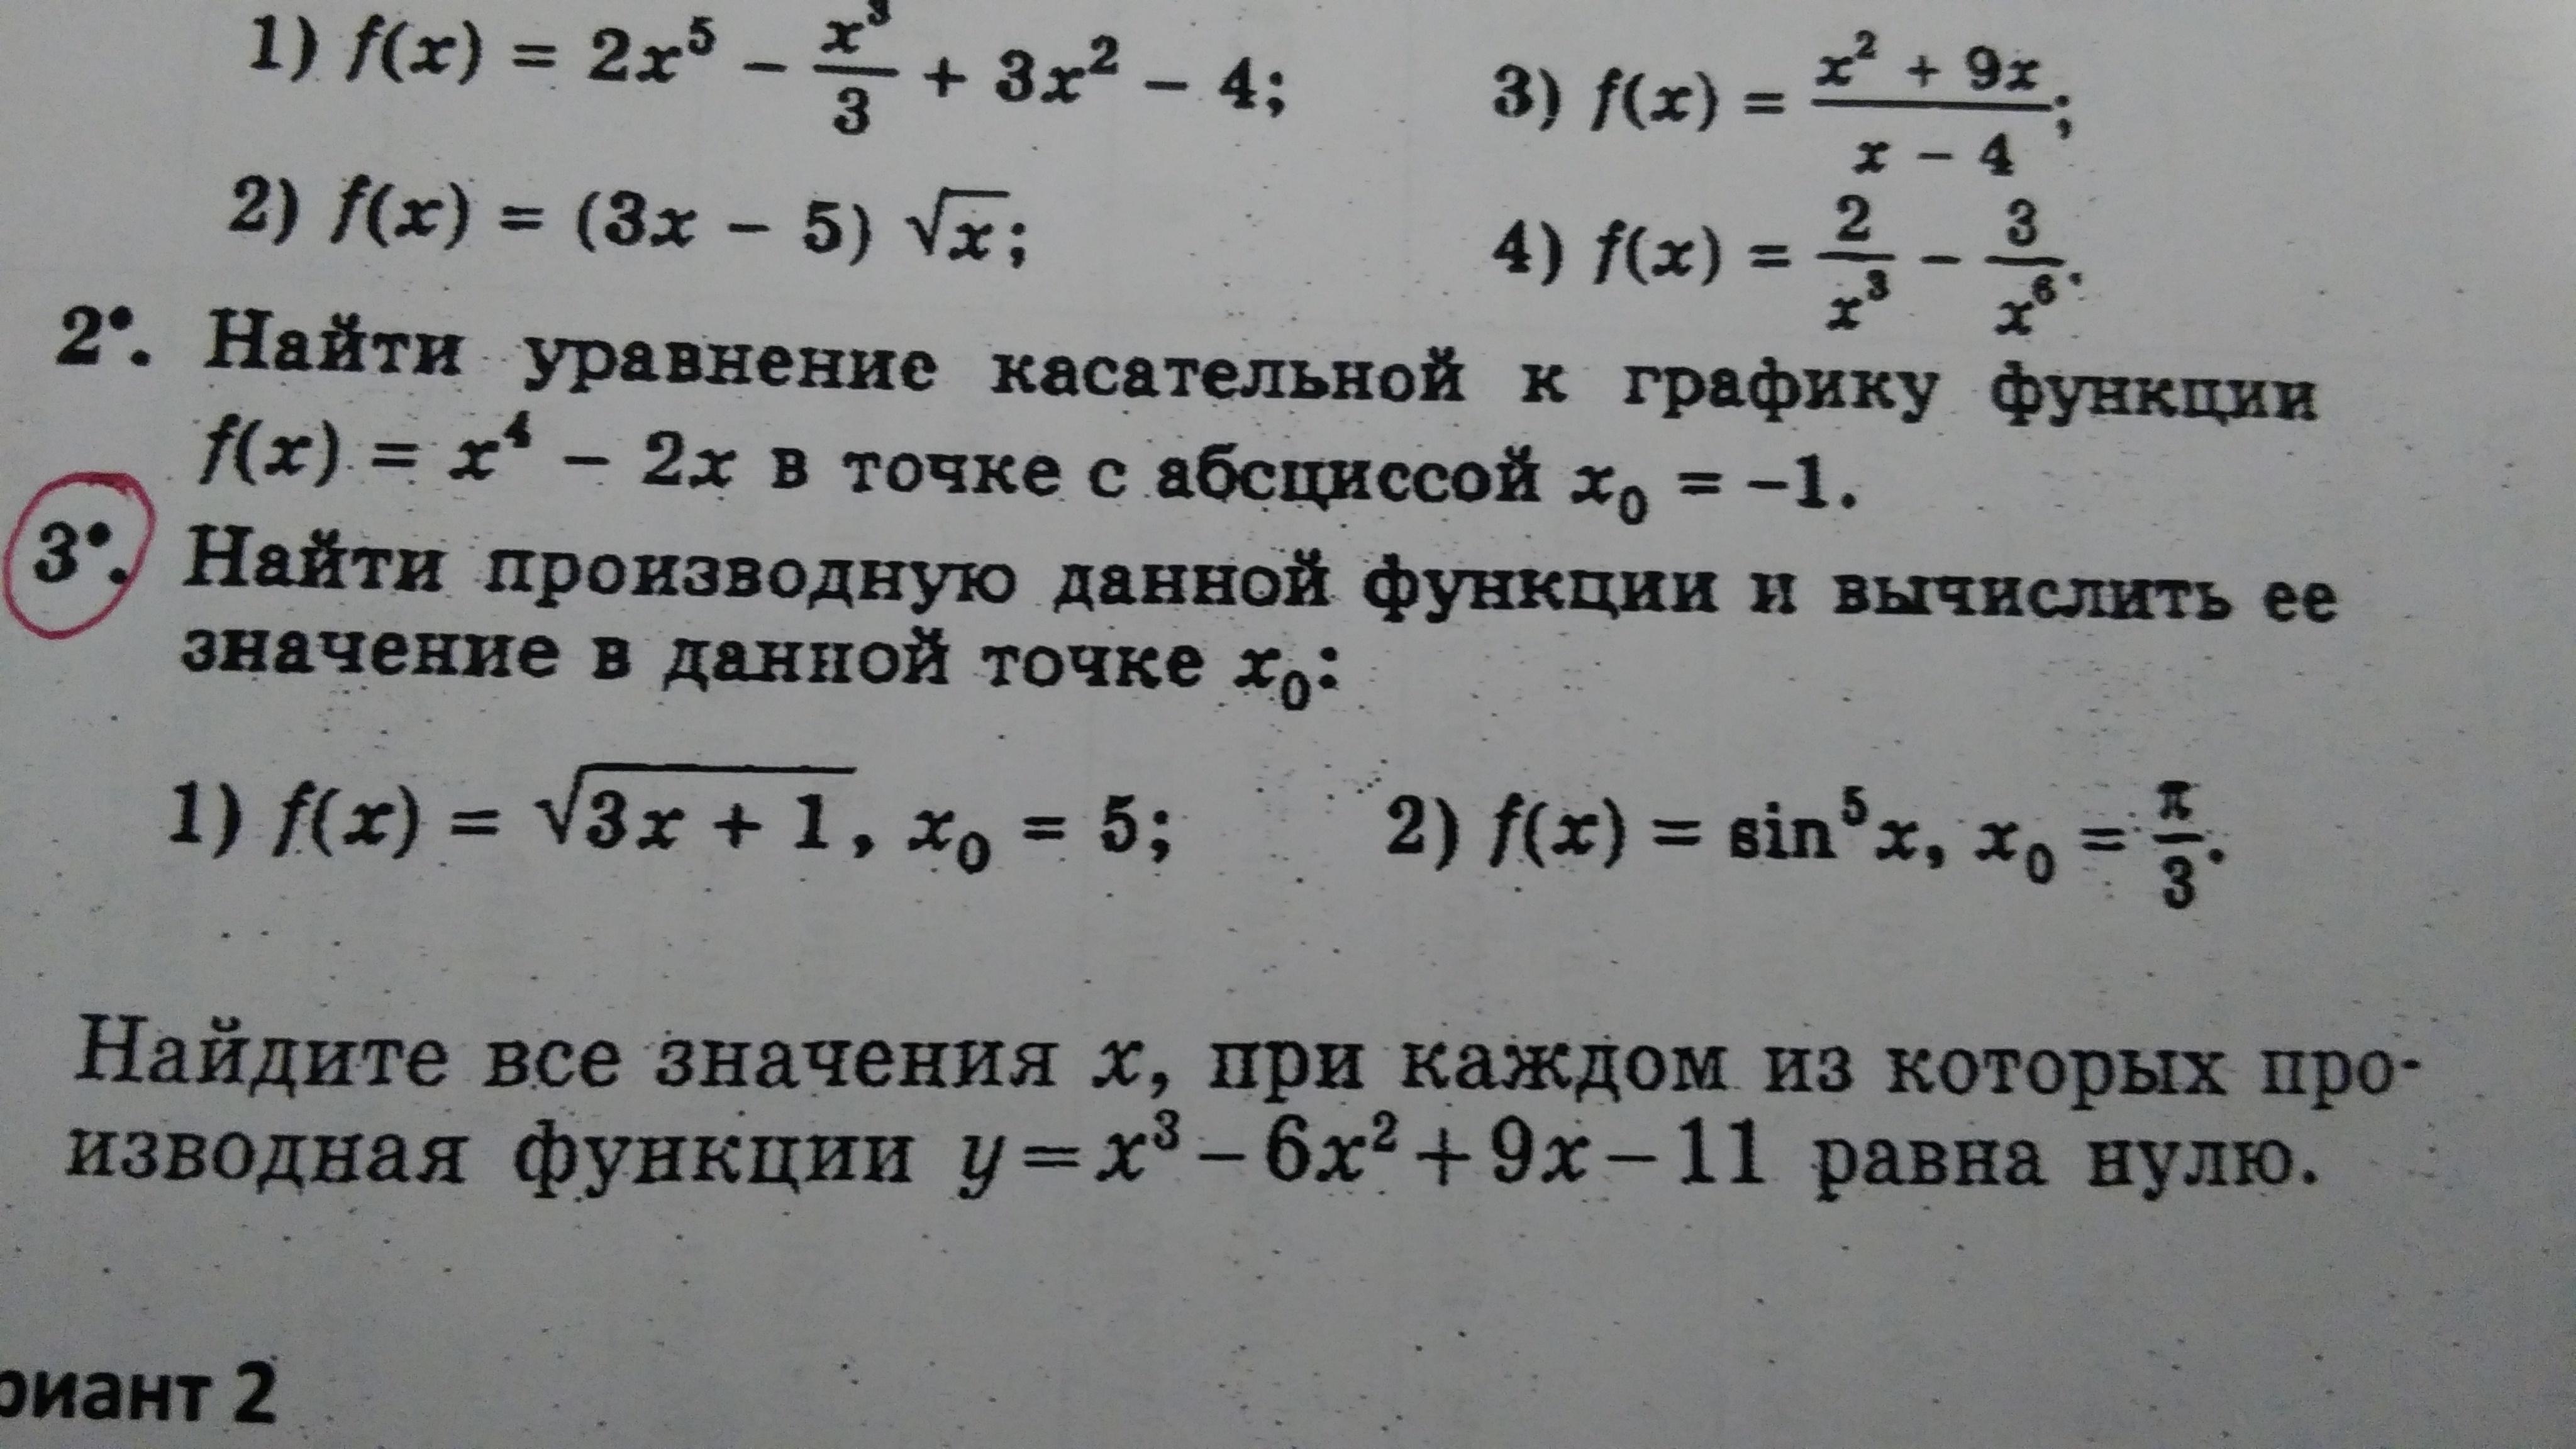 Помогите пожалуйста сделать третье задание